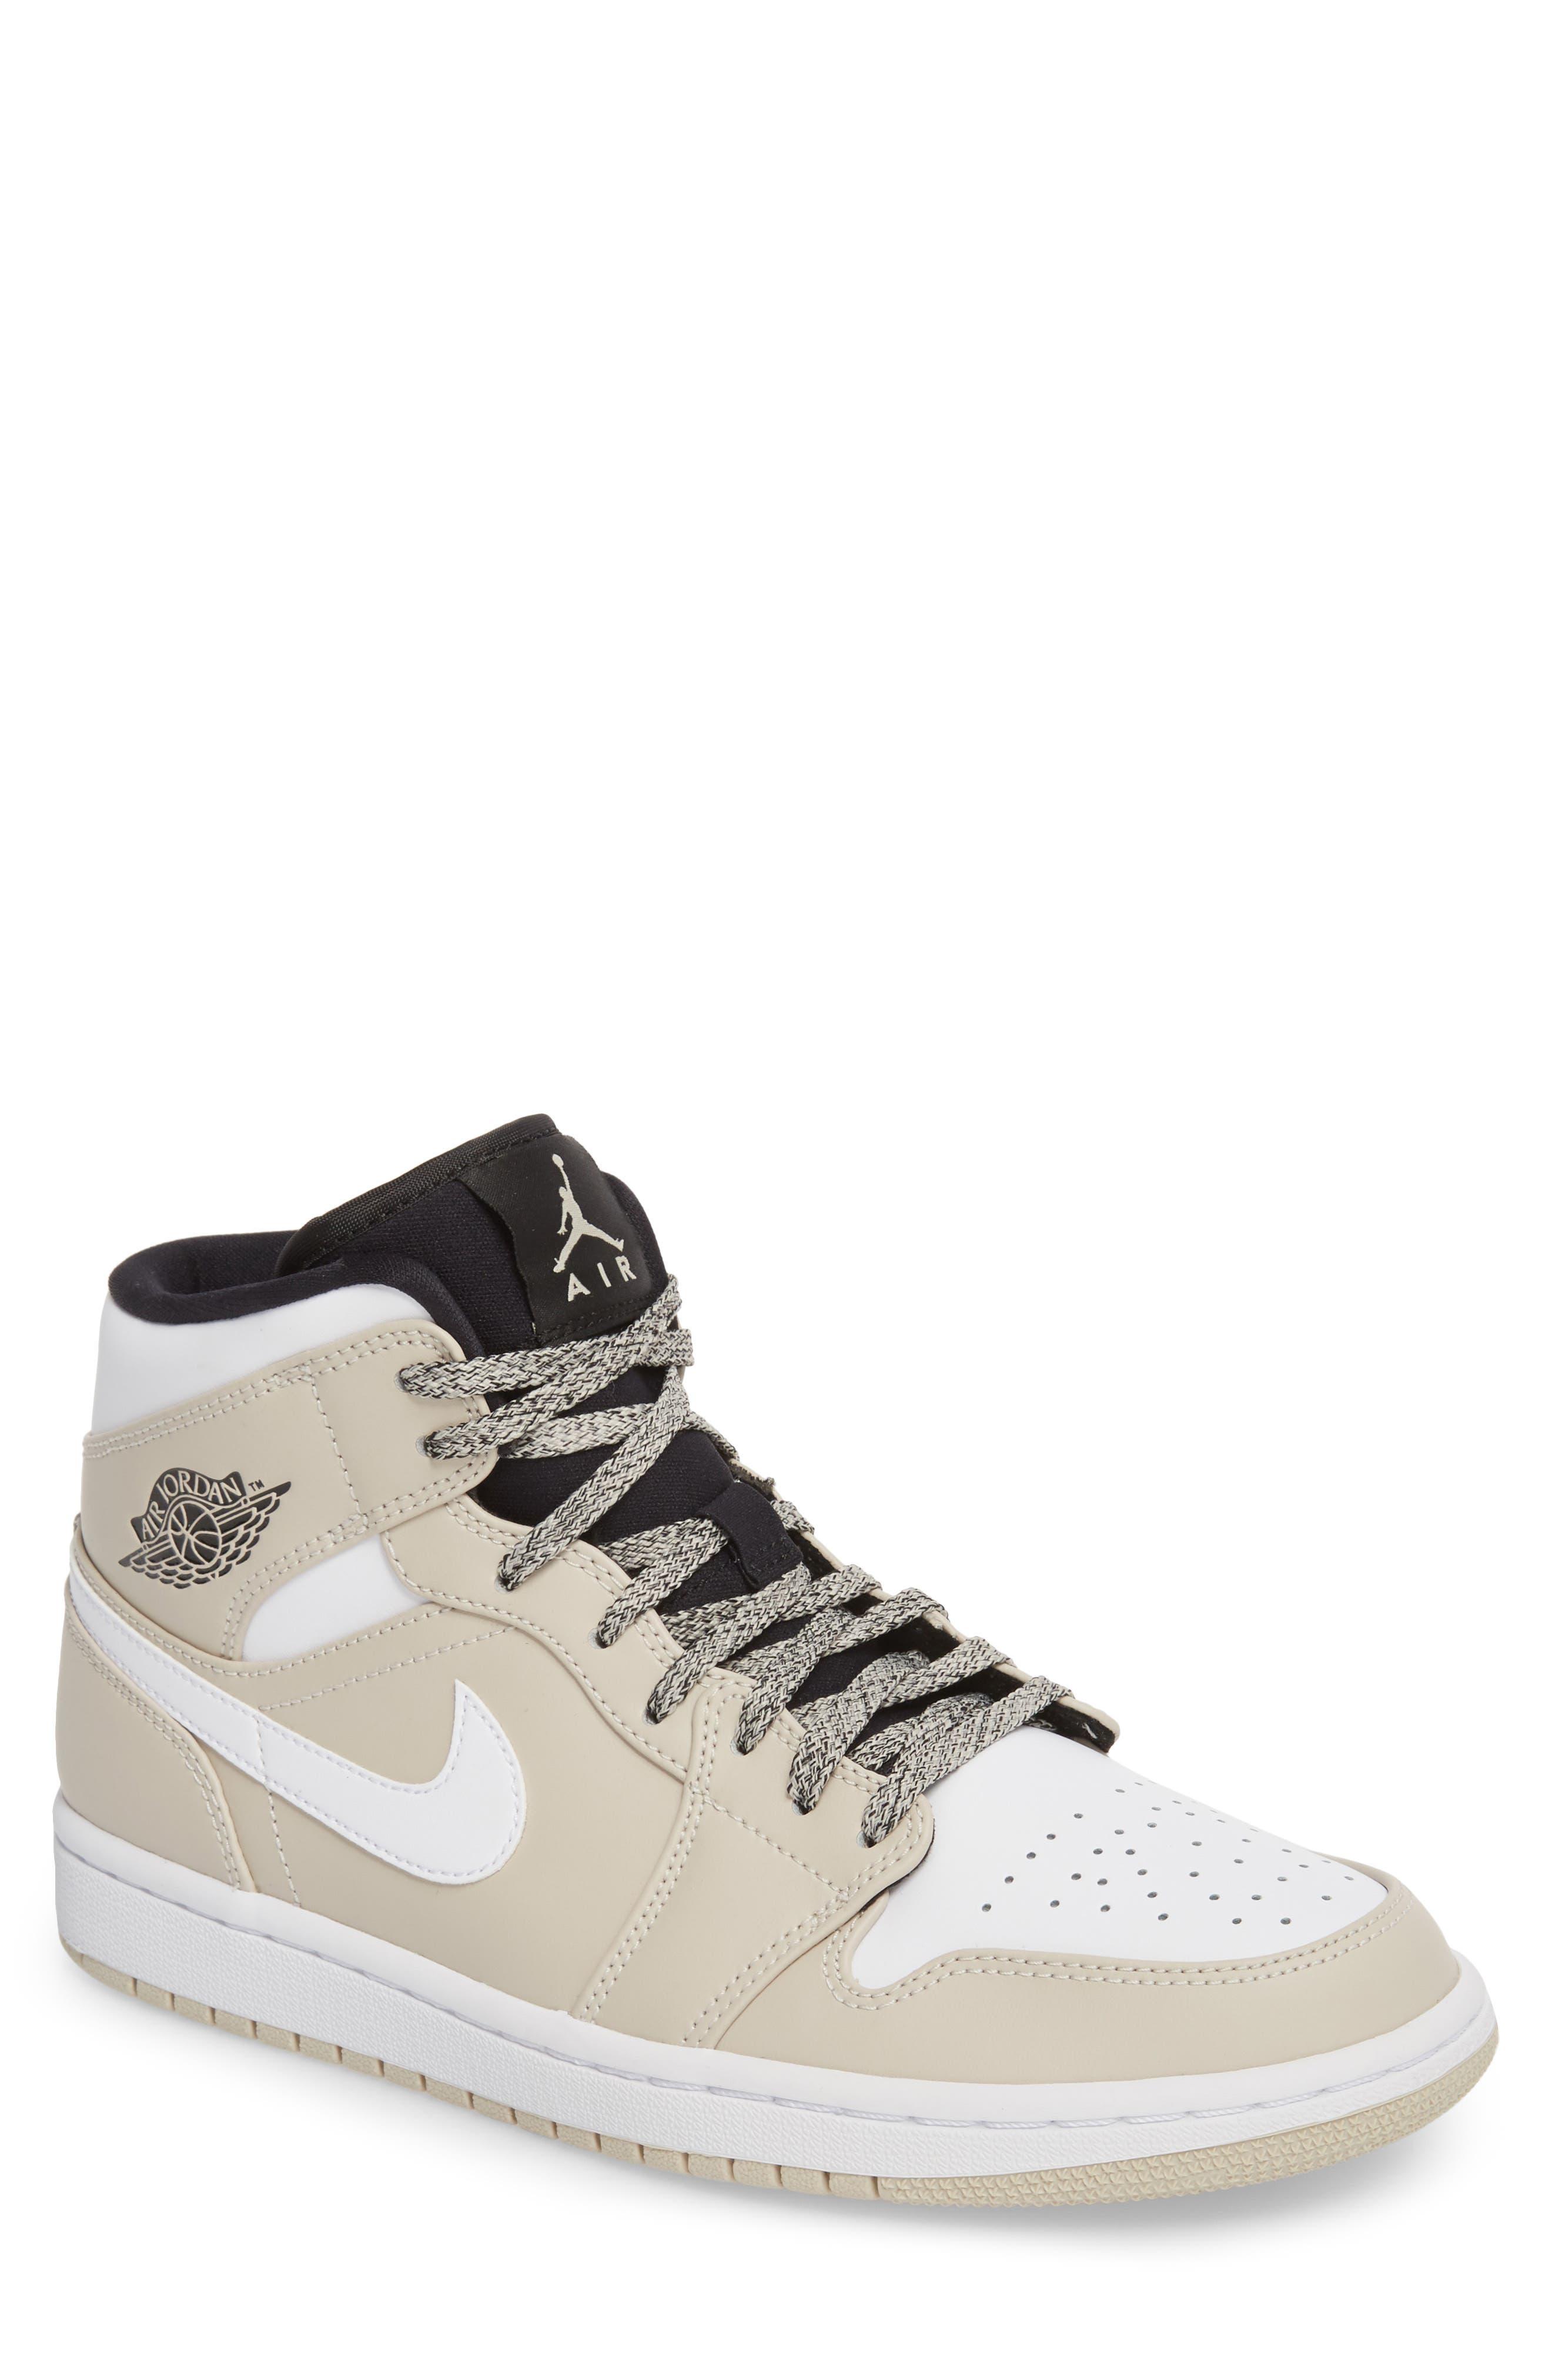 Alternate Image 1 Selected - Nike 'Air Jordan 1 Mid' Sneaker (Men)